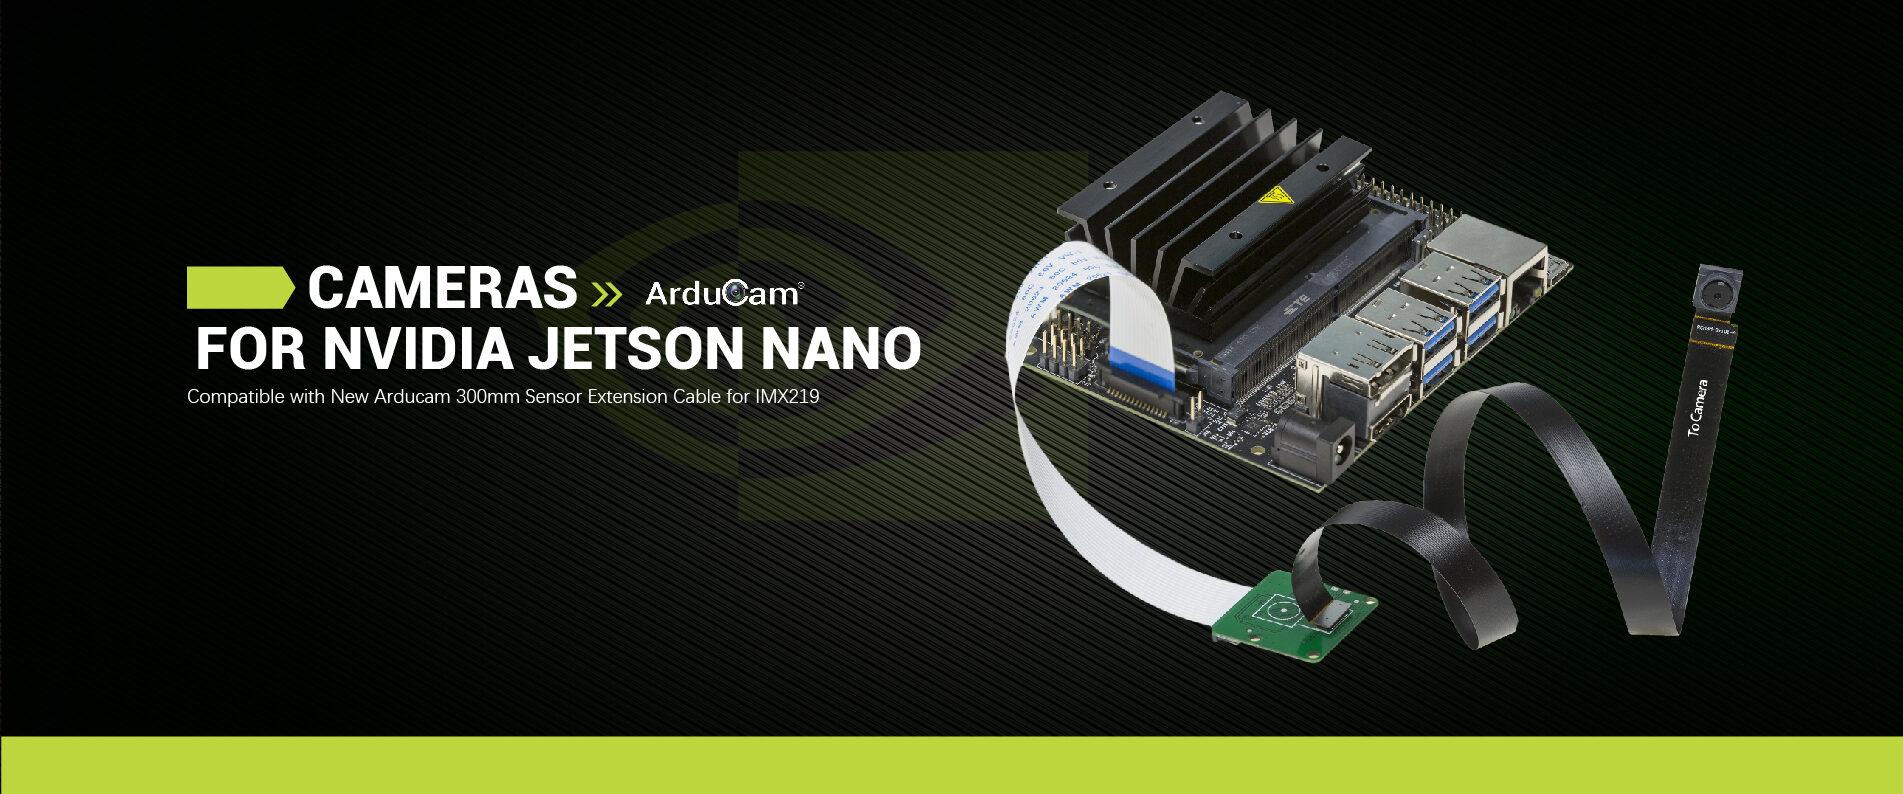 arducam-USB-camera-banner-slider-home-1